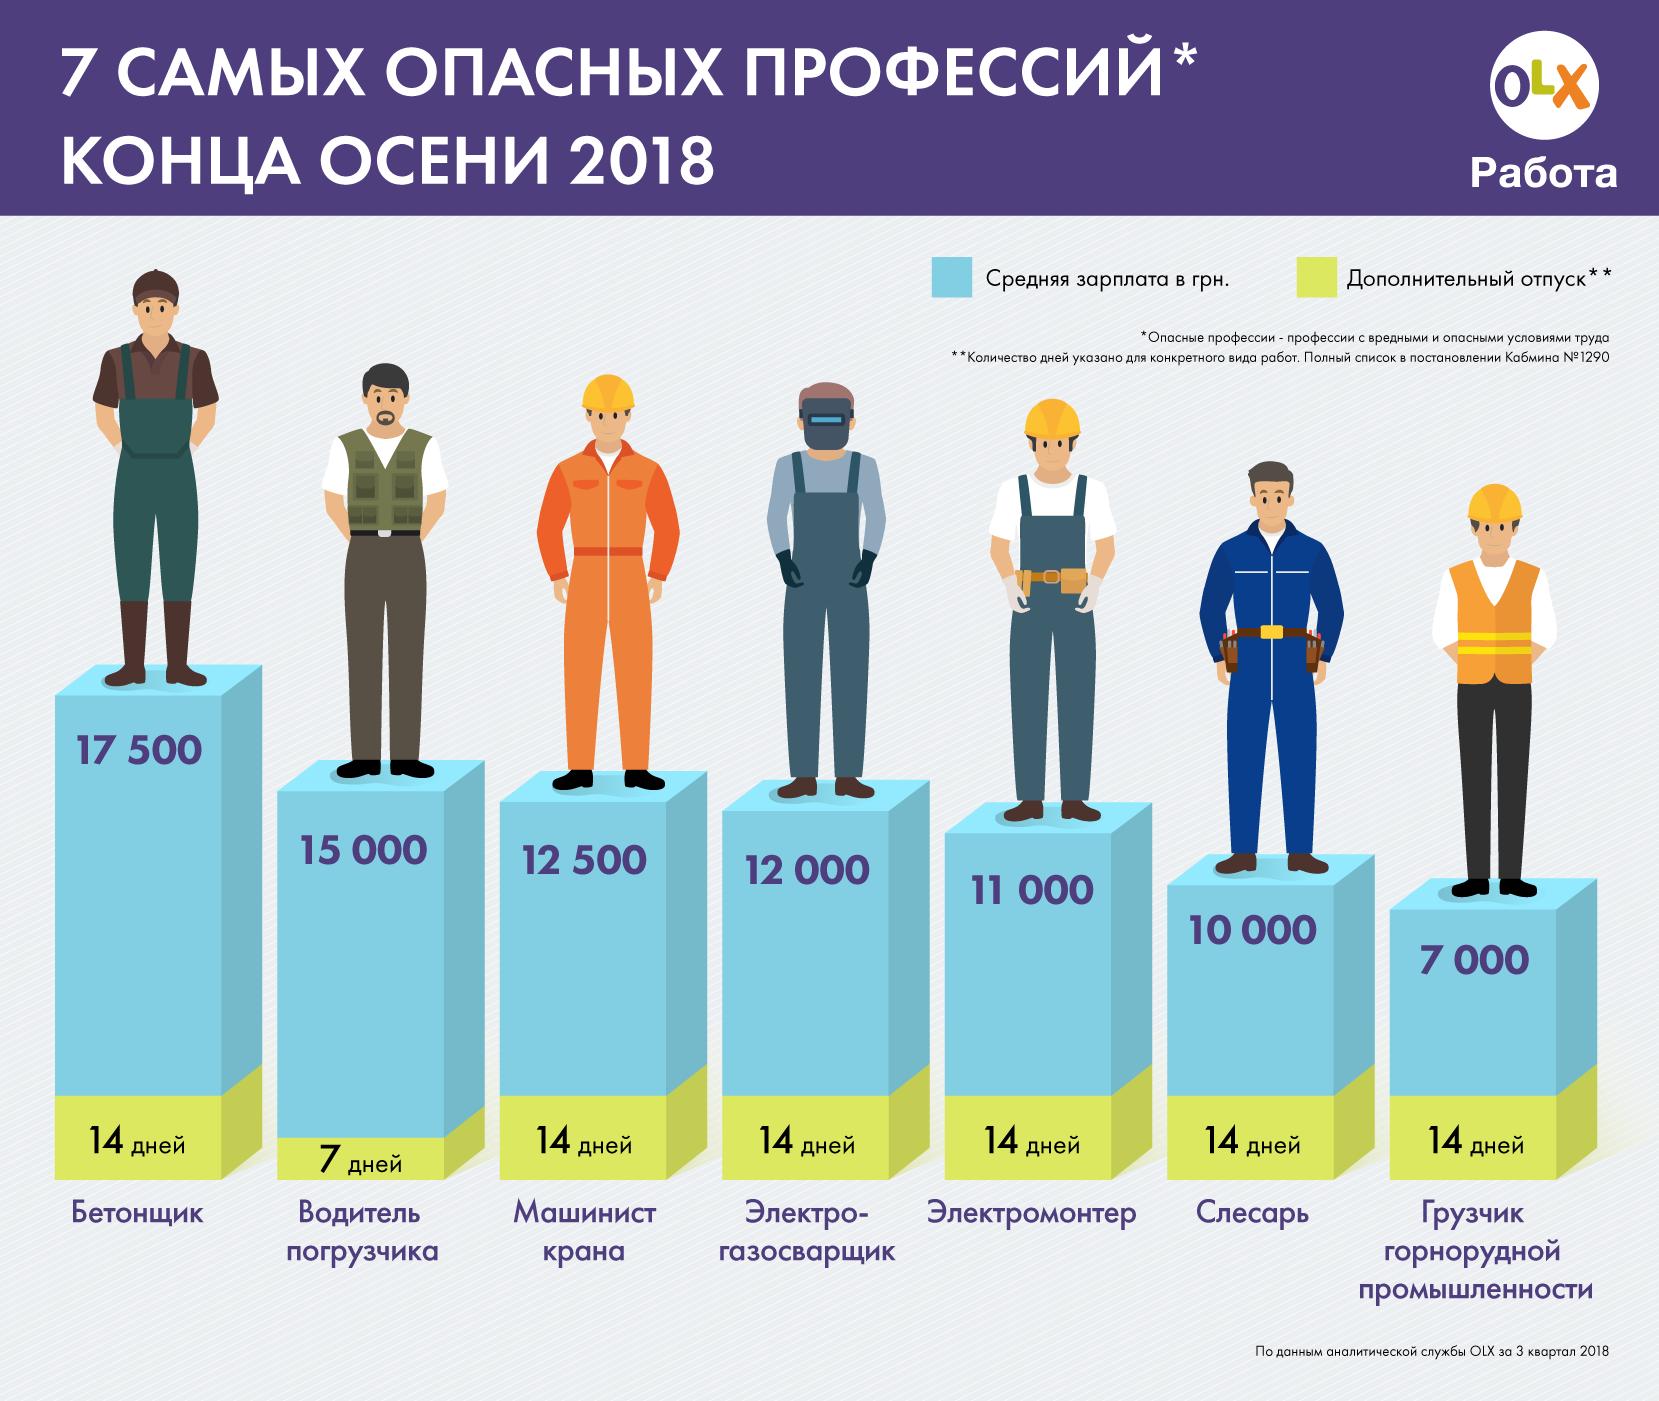 Инфографика опасных профессий, отпусков и зарплат